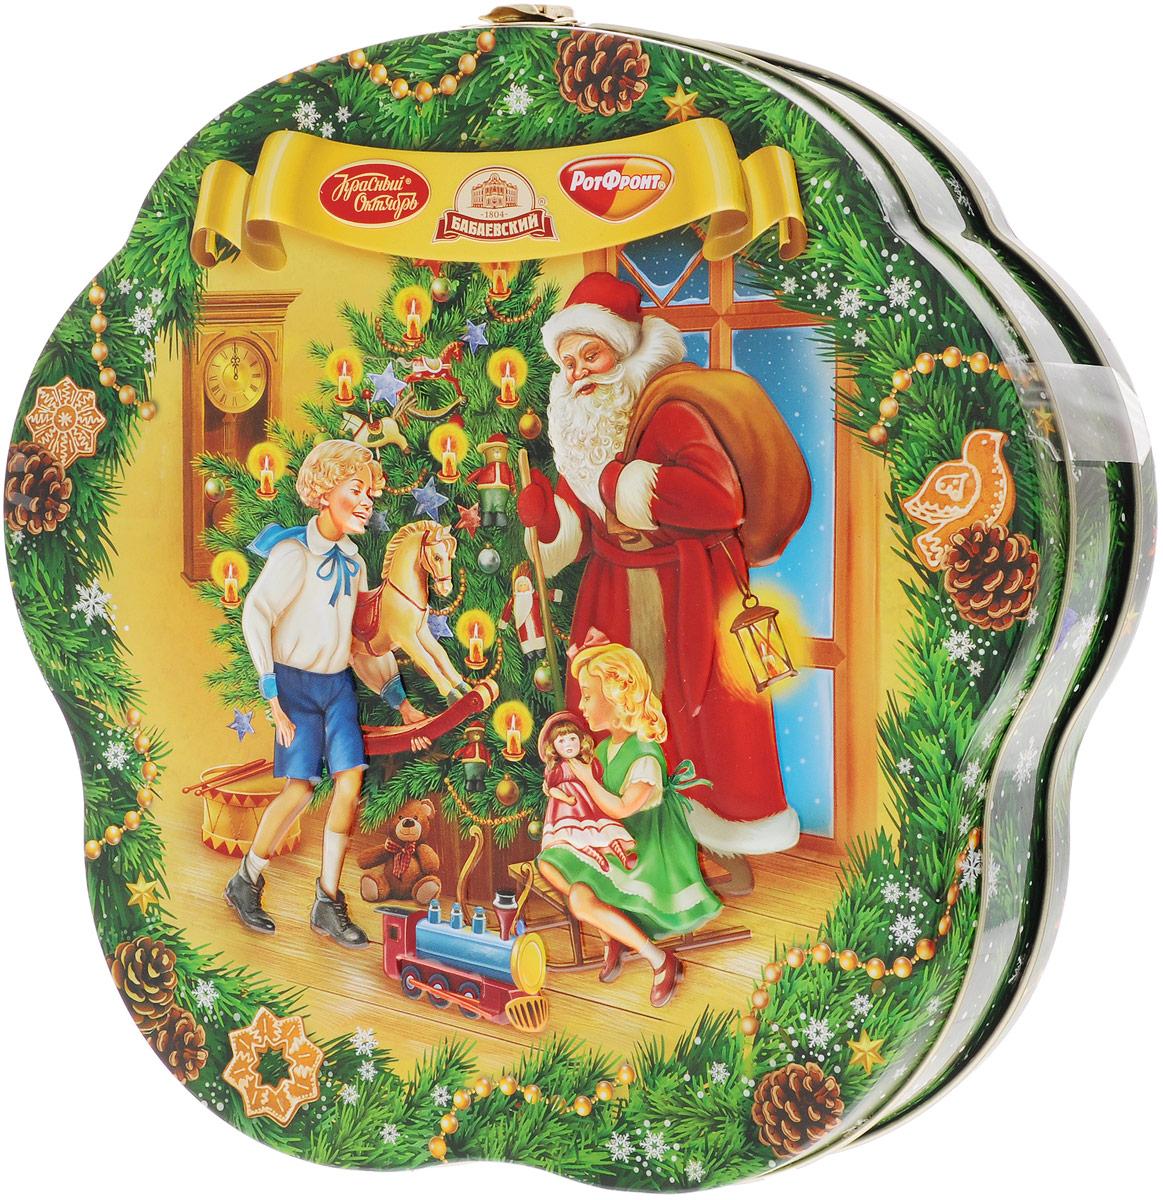 Рот-Фронт Новогодний подарок Праздничный, 1000 гРФ14503С новогодним подарком Рот-Фронт Праздничный ваш дом превратится в большую Новогоднюю сладкую сказку.Набор поставляется в красочной новогодней упаковке.Противопоказано при индивидуальной непереносимости белка молока и/или яичного белка.Уважаемые клиенты! Обращаем ваше внимание на тот факт, что срок годности товара до 26 апреля 2017.Состав набора:«Мечта» (3 шт) «Фея» (3 шт) «Дюшес» (2 шт) «Барбарис» (2 шт) «Мисс Ягодка со сливками» (3 шт) «Лимончики» (3 шт) «Гусиные лапки» (3шт) «Москвичка» (4 шт) «Бабаевская Белочка» (2 шт) «Петушок - золотой гребешок» (2 шт) «Маска» (2 шт) «Грильяж в шоколаде» (2 шт) «Красная шапочка» (1 шт) «Мишка косолапый» (3шт) «Коровка» вкус Топленое молоко (3 шт) «Огни Москвы» (2 шт) «Коровка» 30% молока (2 шт),«Цитрон» (2 шт)«Киви» (2 шт) «Батончики «РОТ ФРОНТ» (2 шт)«Славянский простор» (2 шт) «Трюфели» (2 шт) «Вафельные конфеты «Коровка» вкус Шоколад» (3 шт) «Вафельные конфеты «Коровка» Молочная» (3 шт) «Вафельные конфеты «Аленка» с фундуком» (2 шт) «Нуга» «Аленка» пряничная сказка» (3 шт) шоколад молочный «Аленка» с разноцветным драже (1 шт) шоколад «Аленка» (1 шт) вафли с начинкой «Маринка» (1 шт)